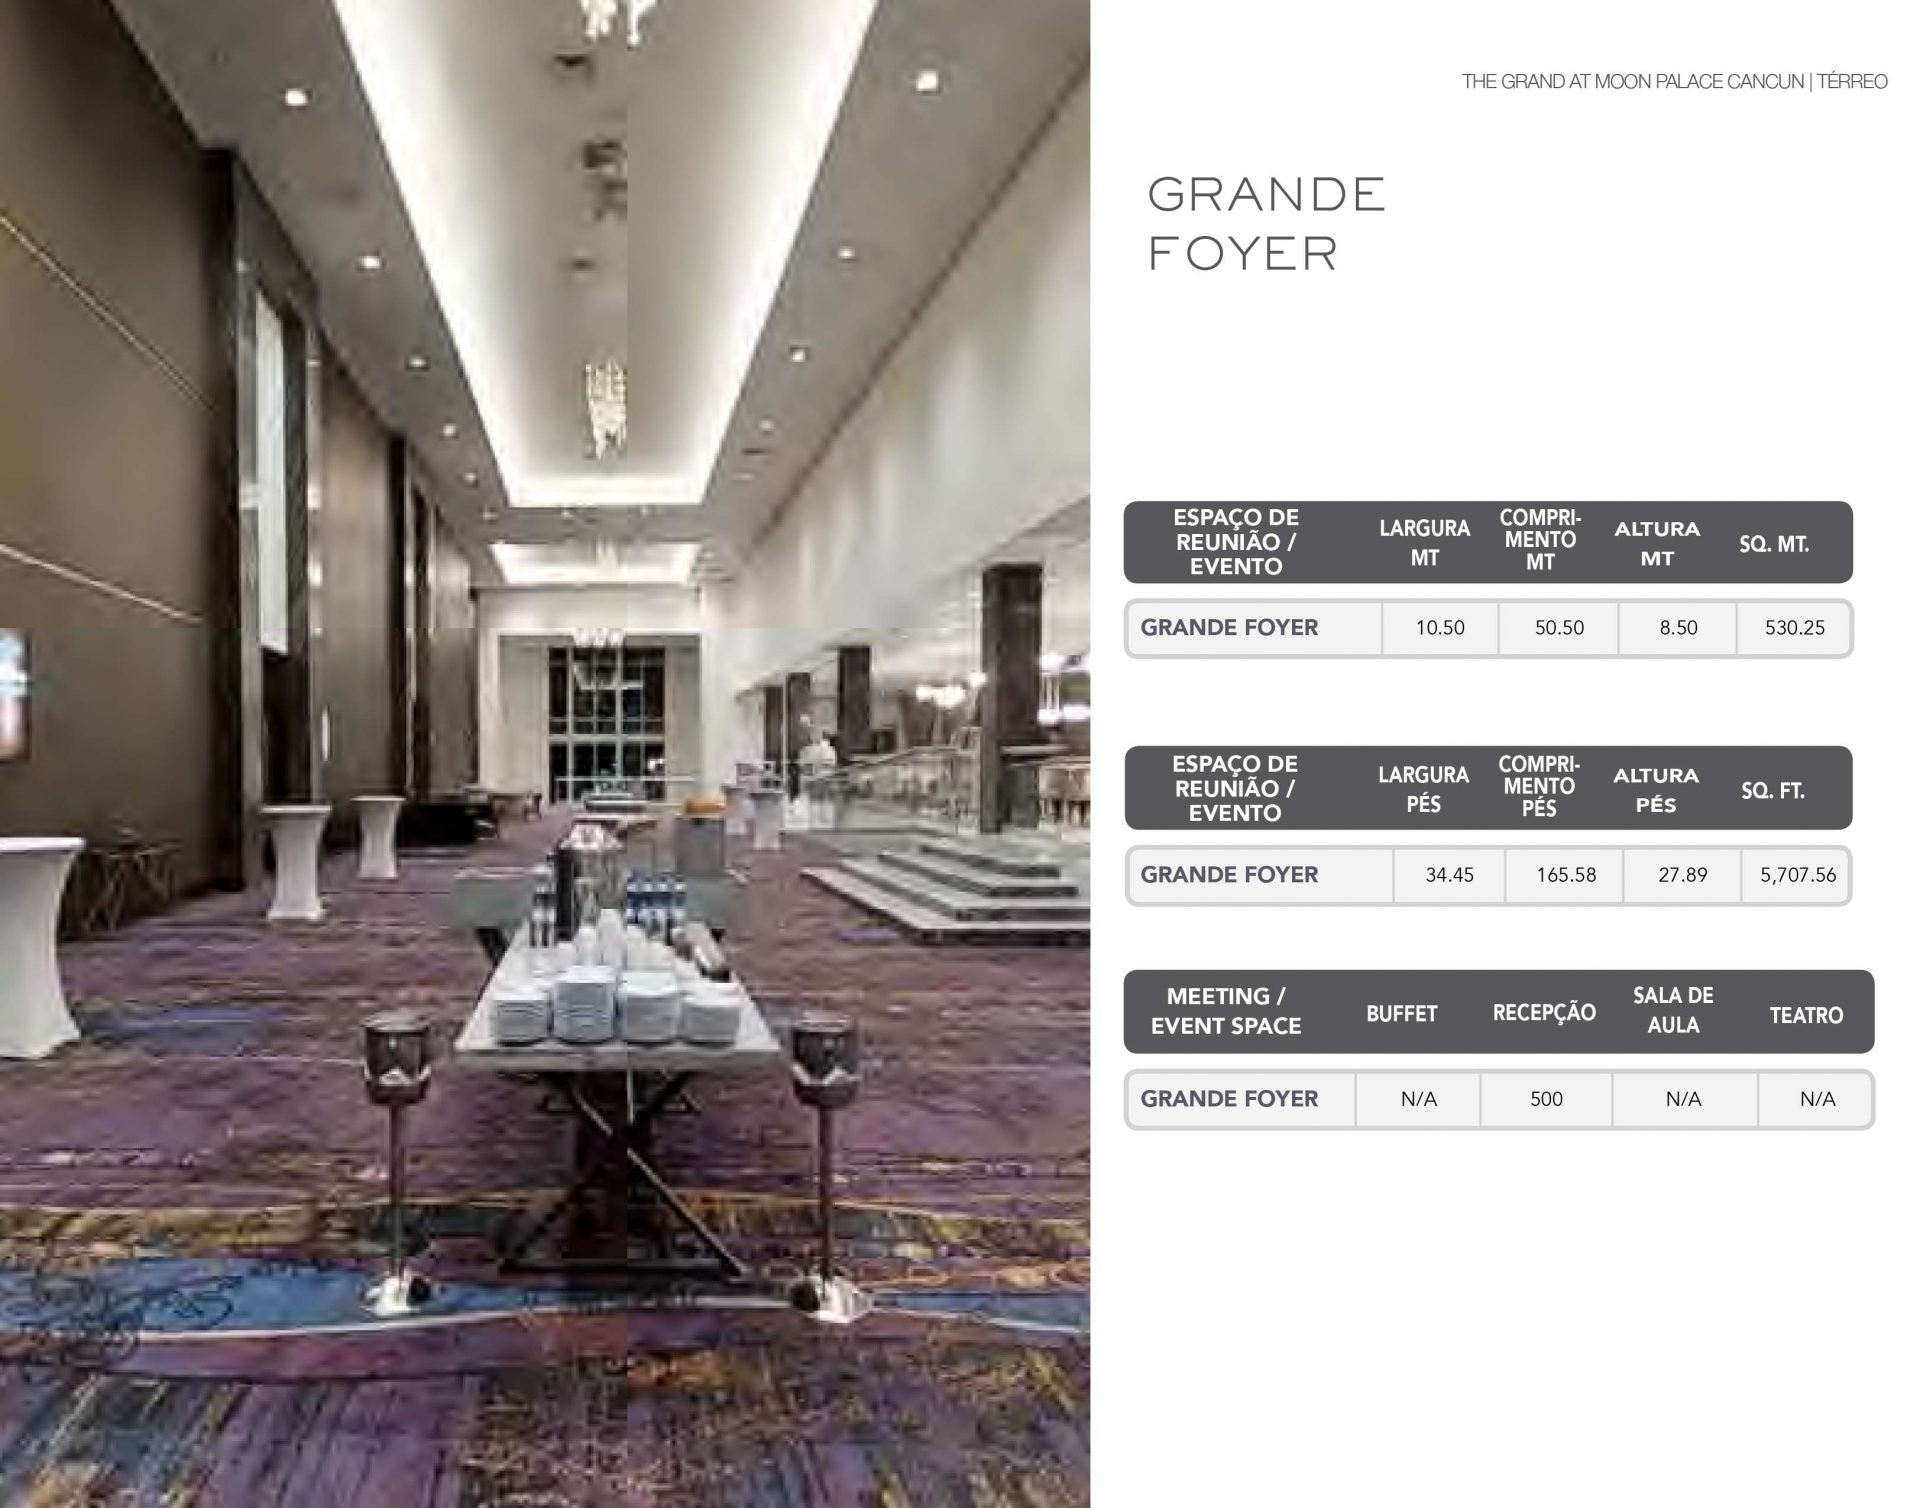 Informações técnicas do Grande Foyer